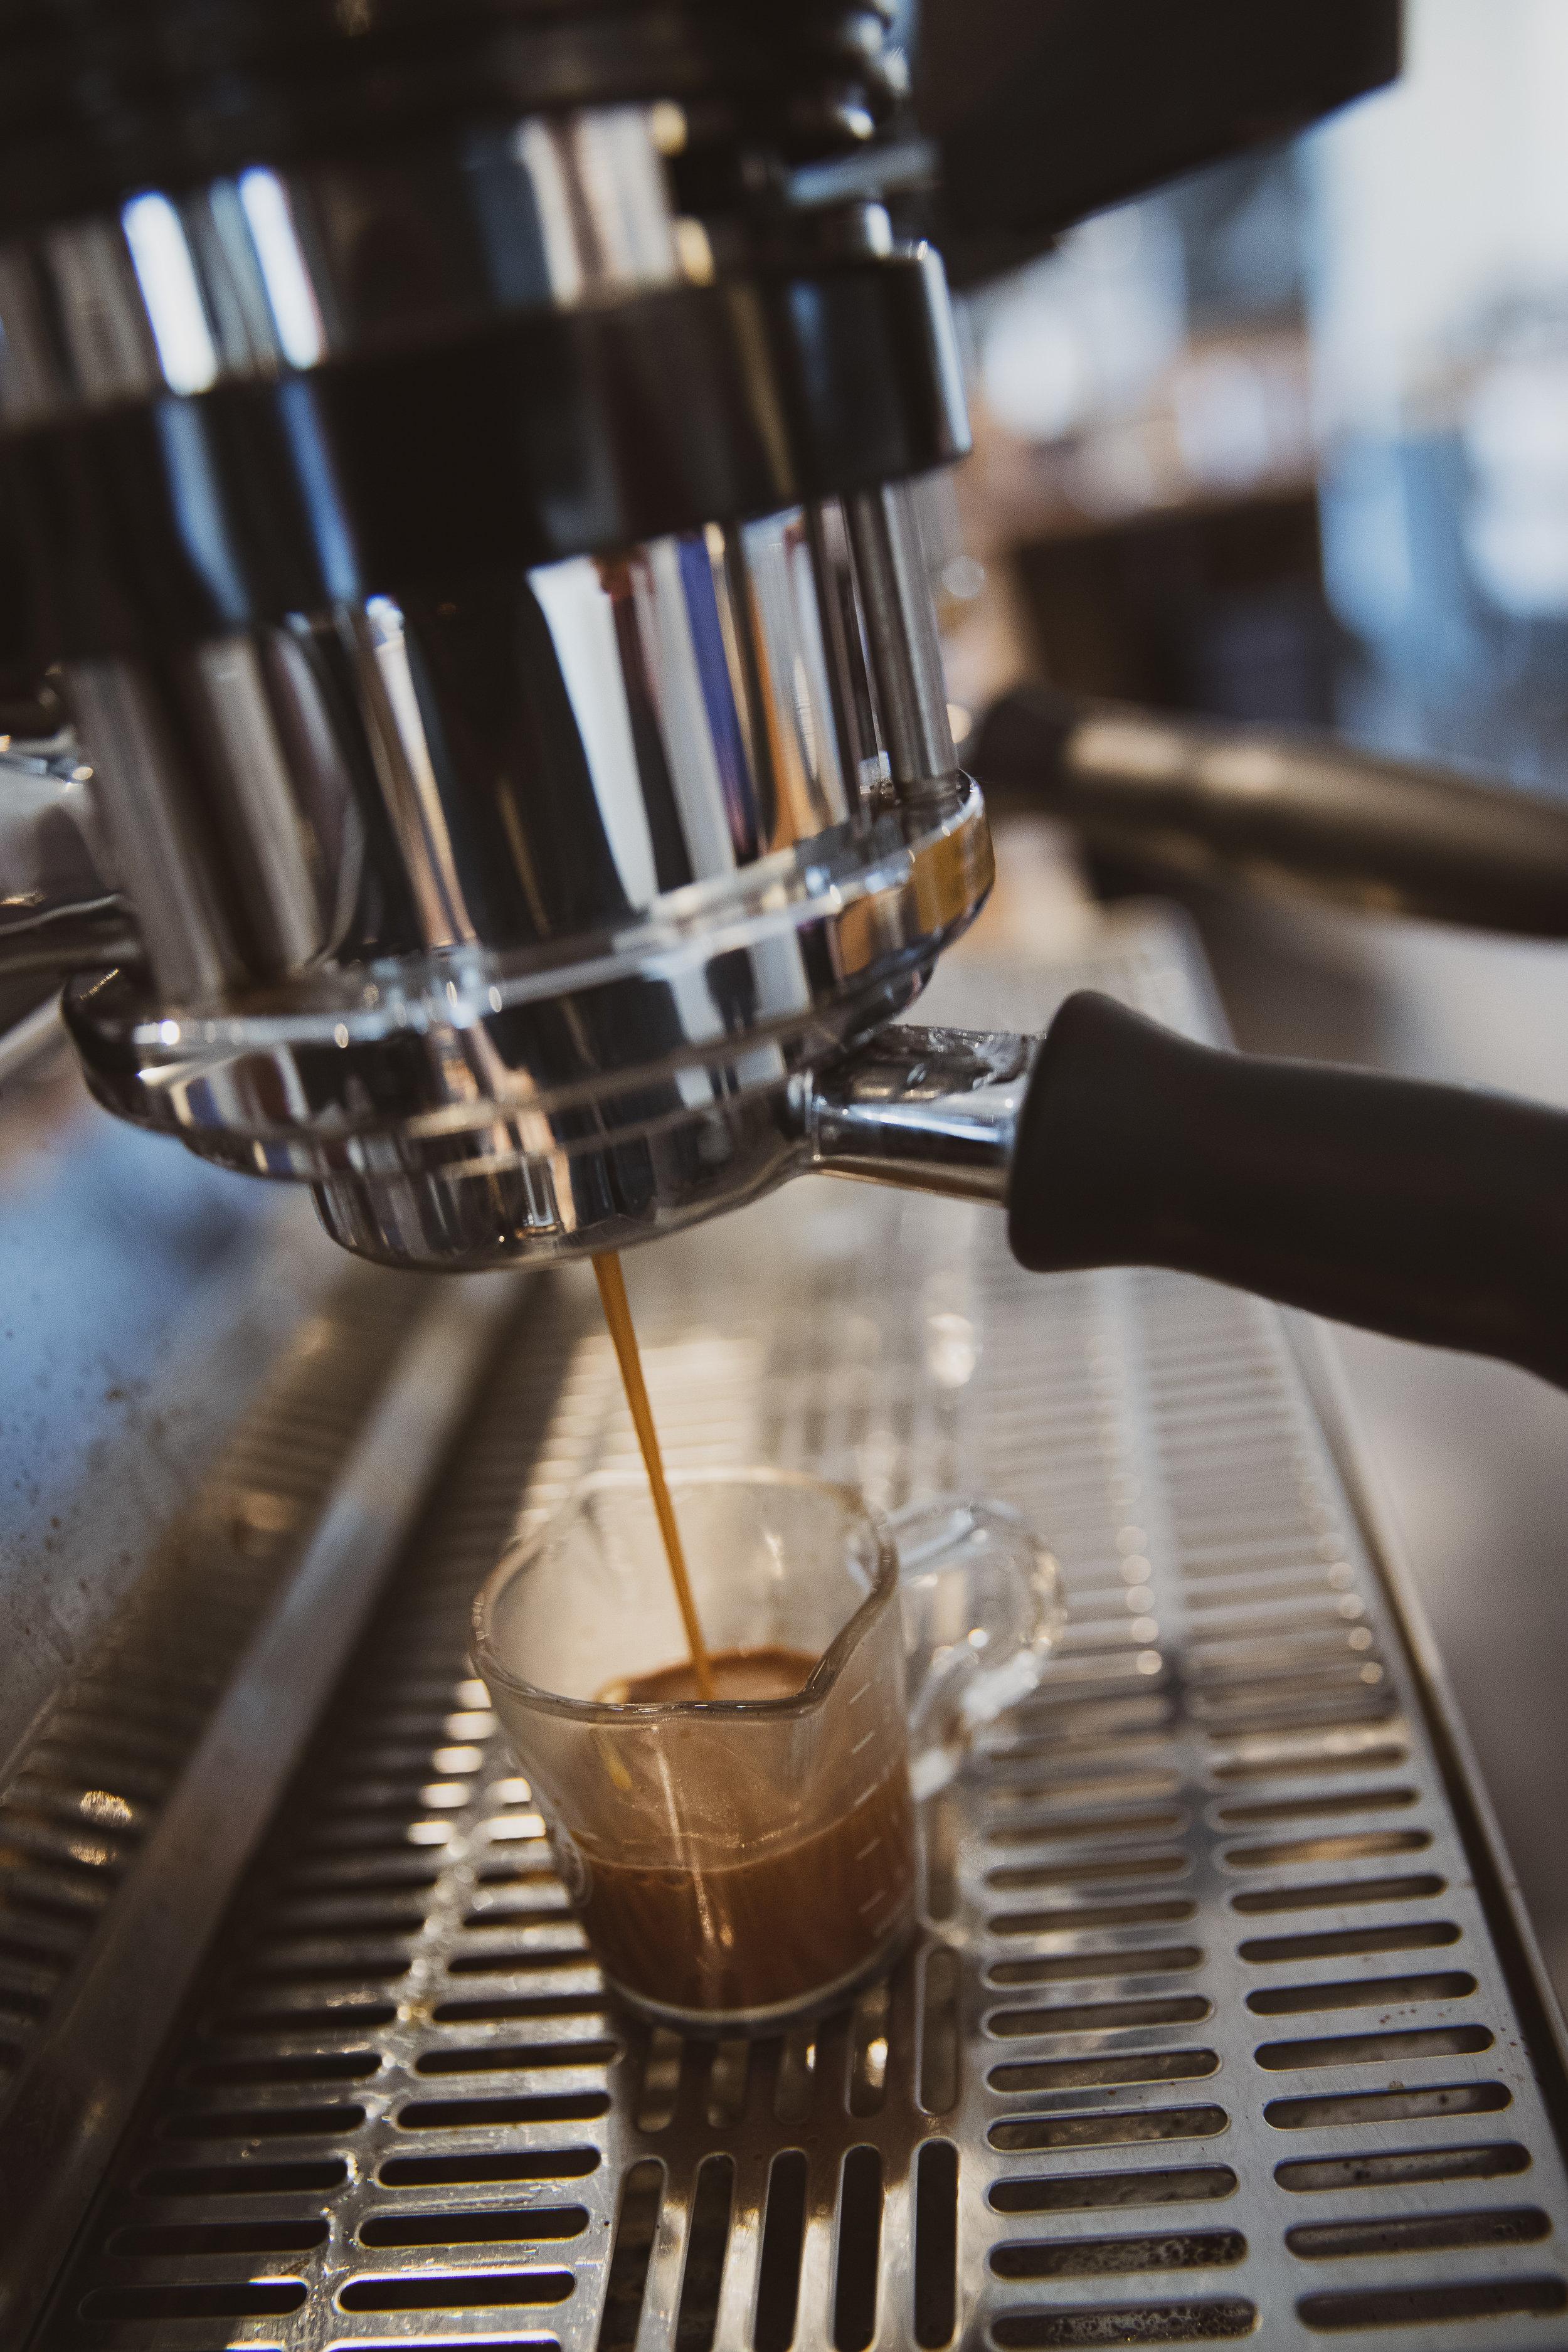 coffeeshop-photography-9I0606.jpg